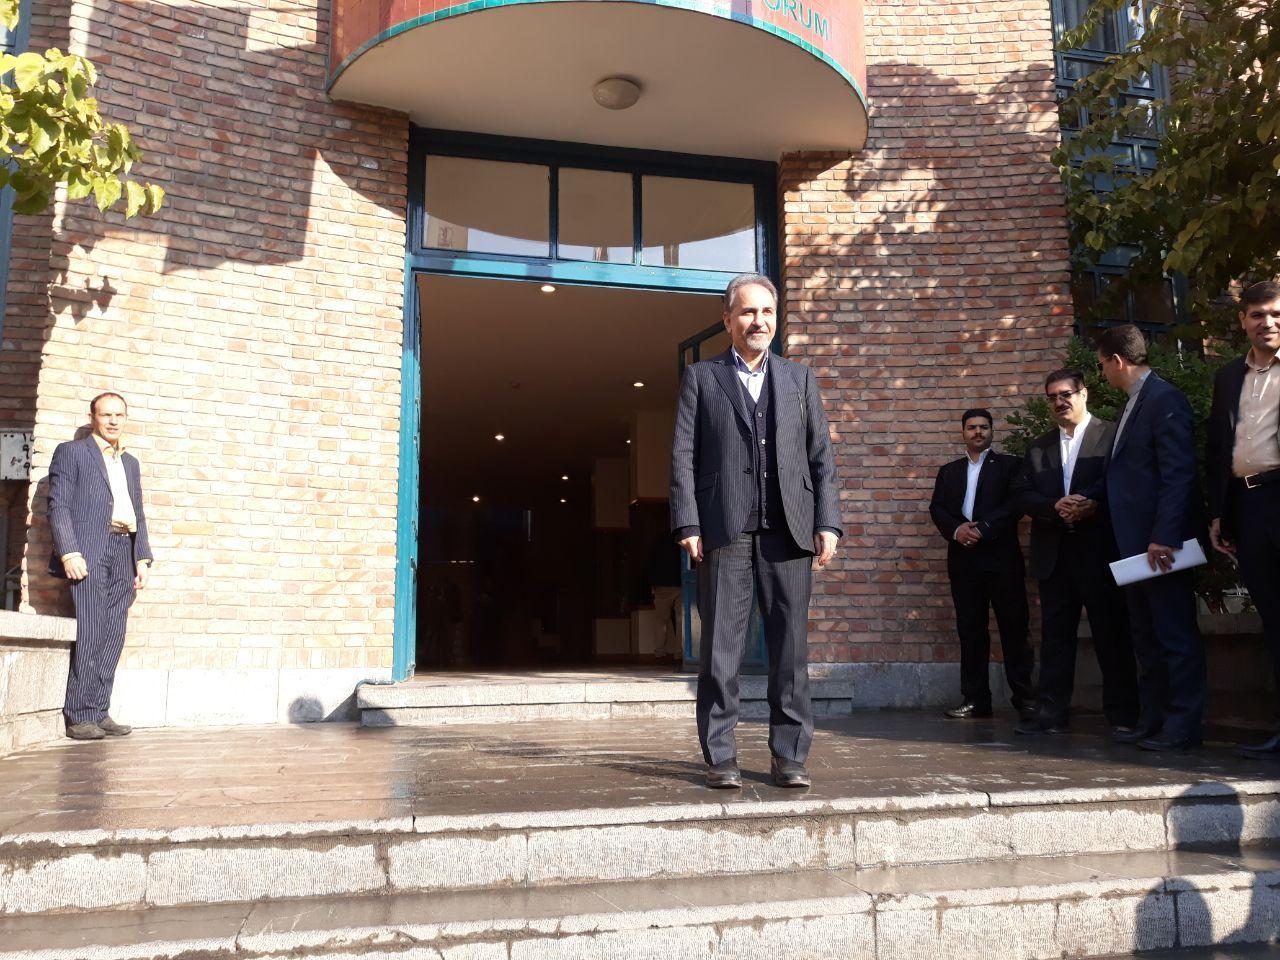 شهردار تهران از خانه هنرمندان بازدید کرد